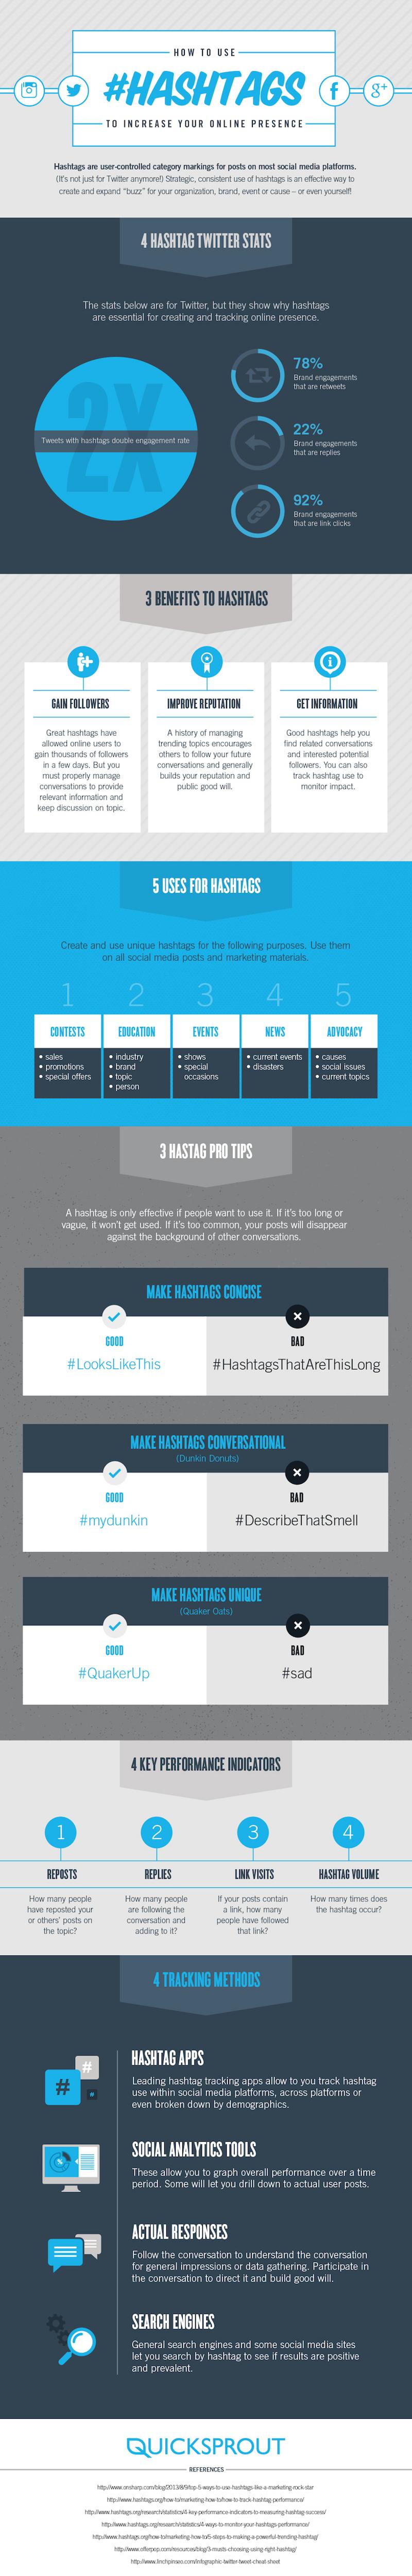 Twitter-Hashtag-Marketing